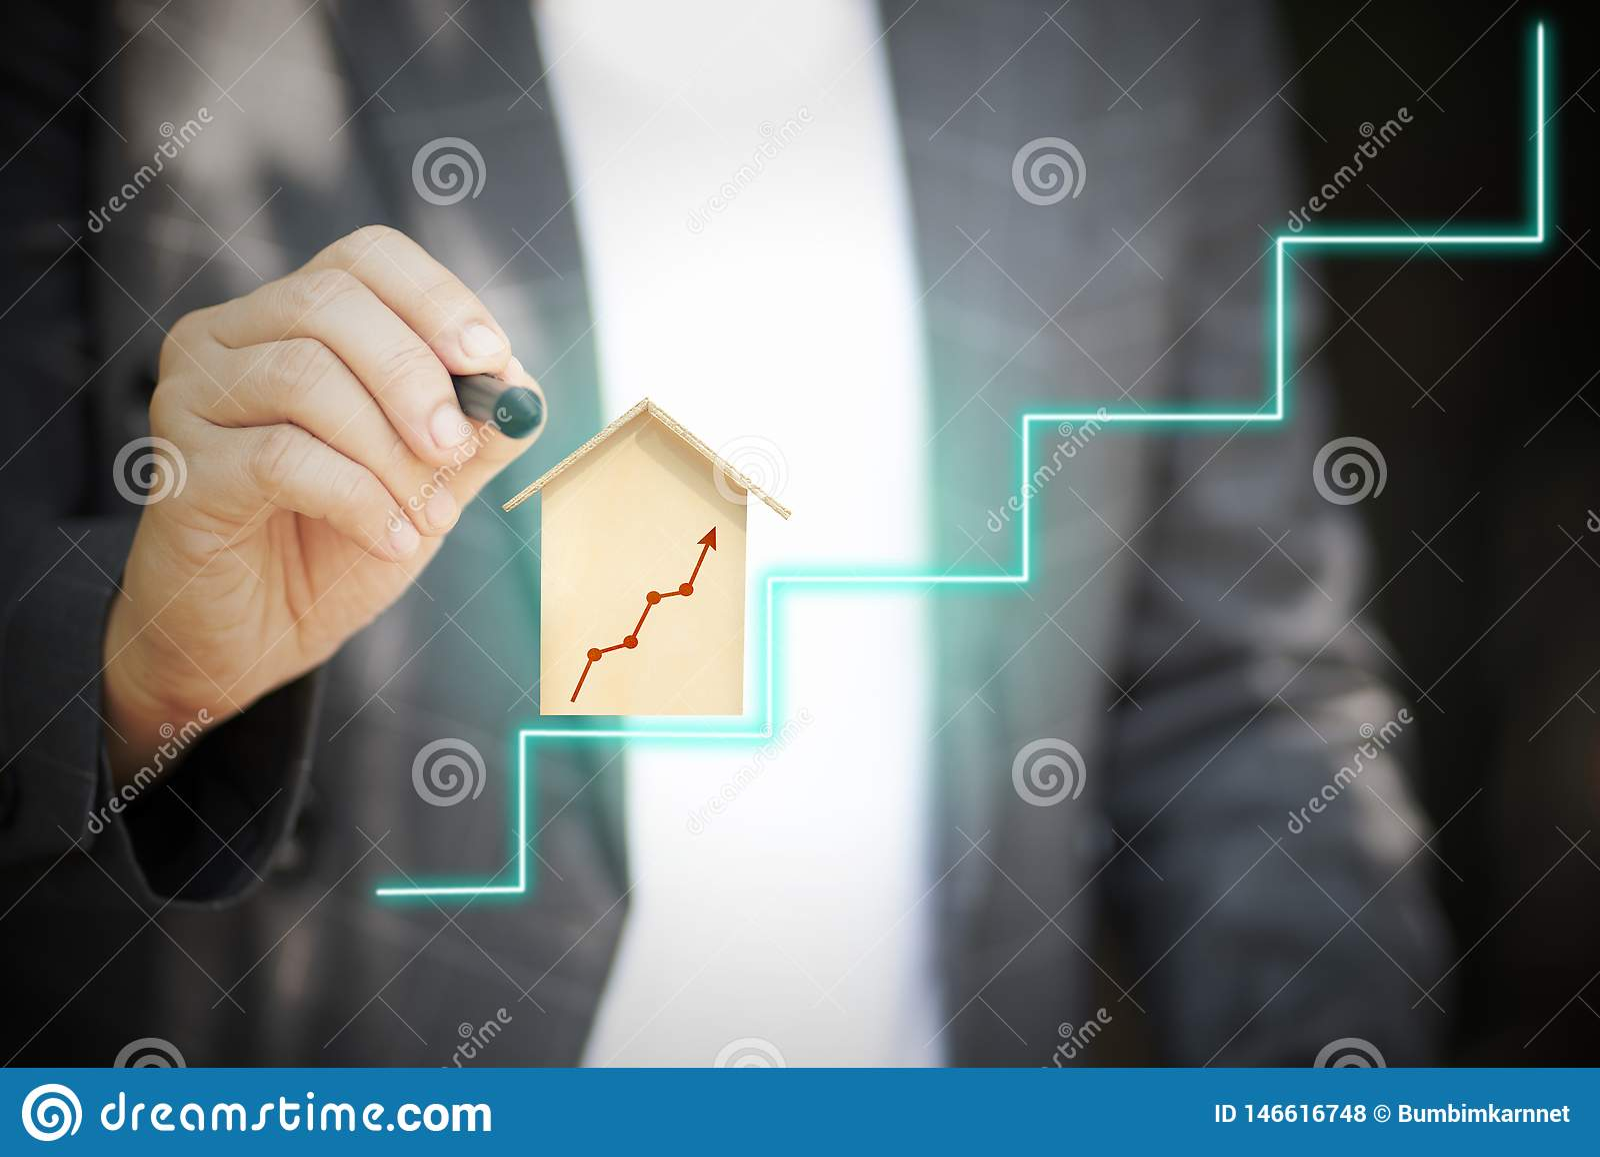 Η προηγμένη επικοινωνία καθιστά τις συναλλαγές εύκολες με τα κοινωνικά συστήματα δικτύωσης